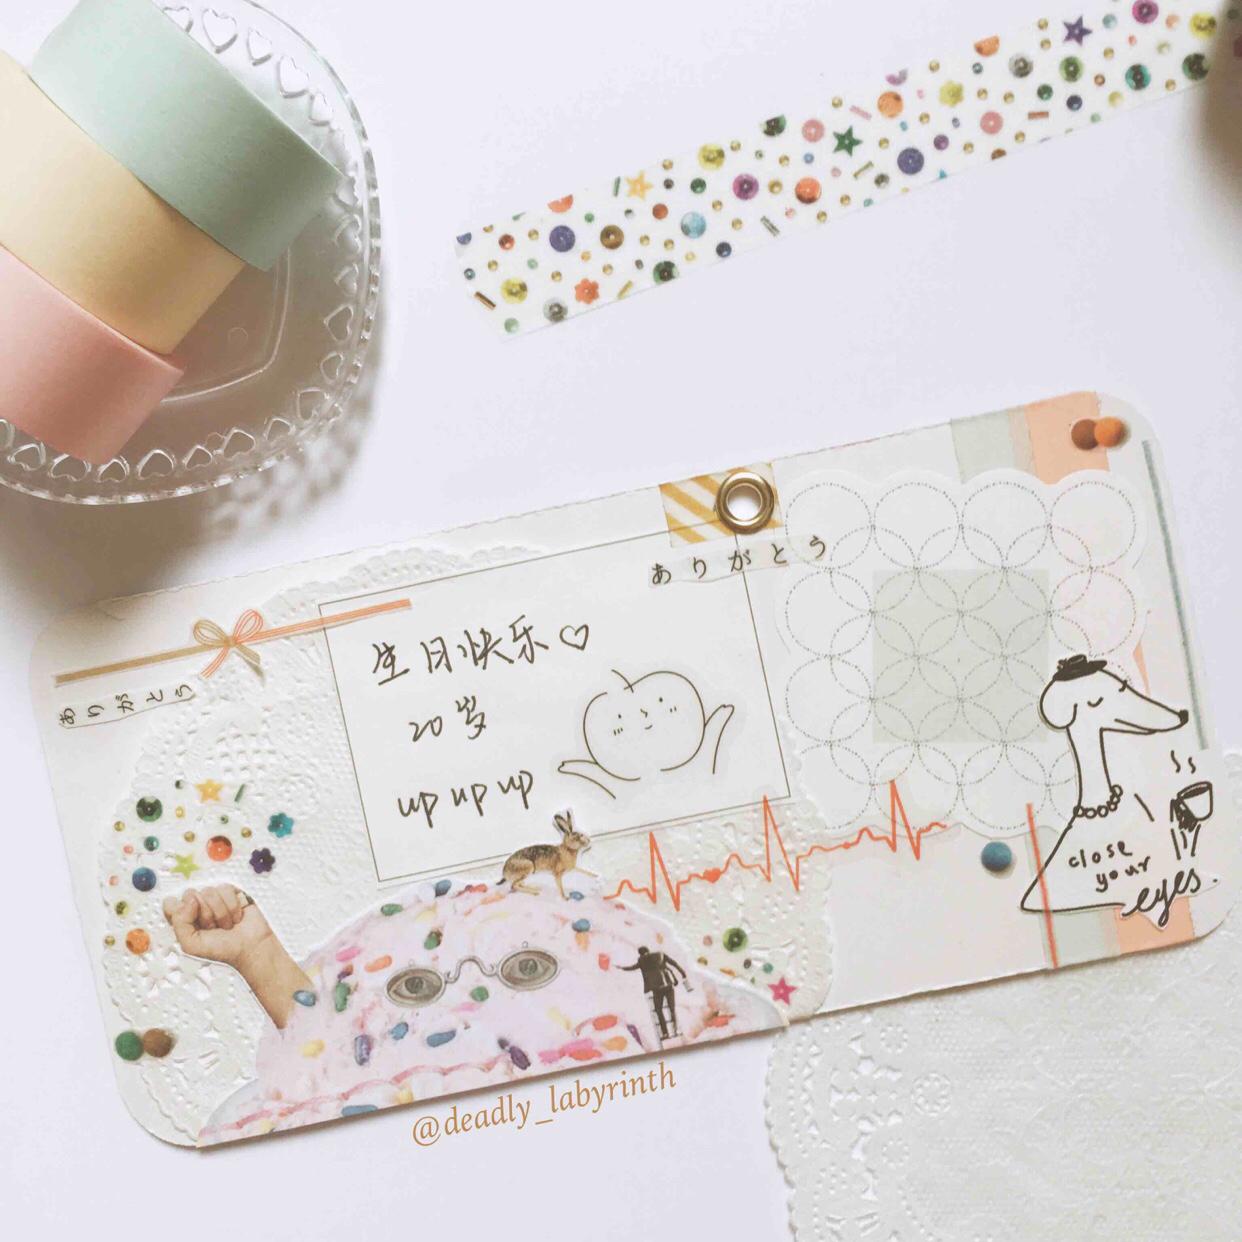 手账 【贴贺卡】♥︎第一次贴卡片,太... ,手帐工具